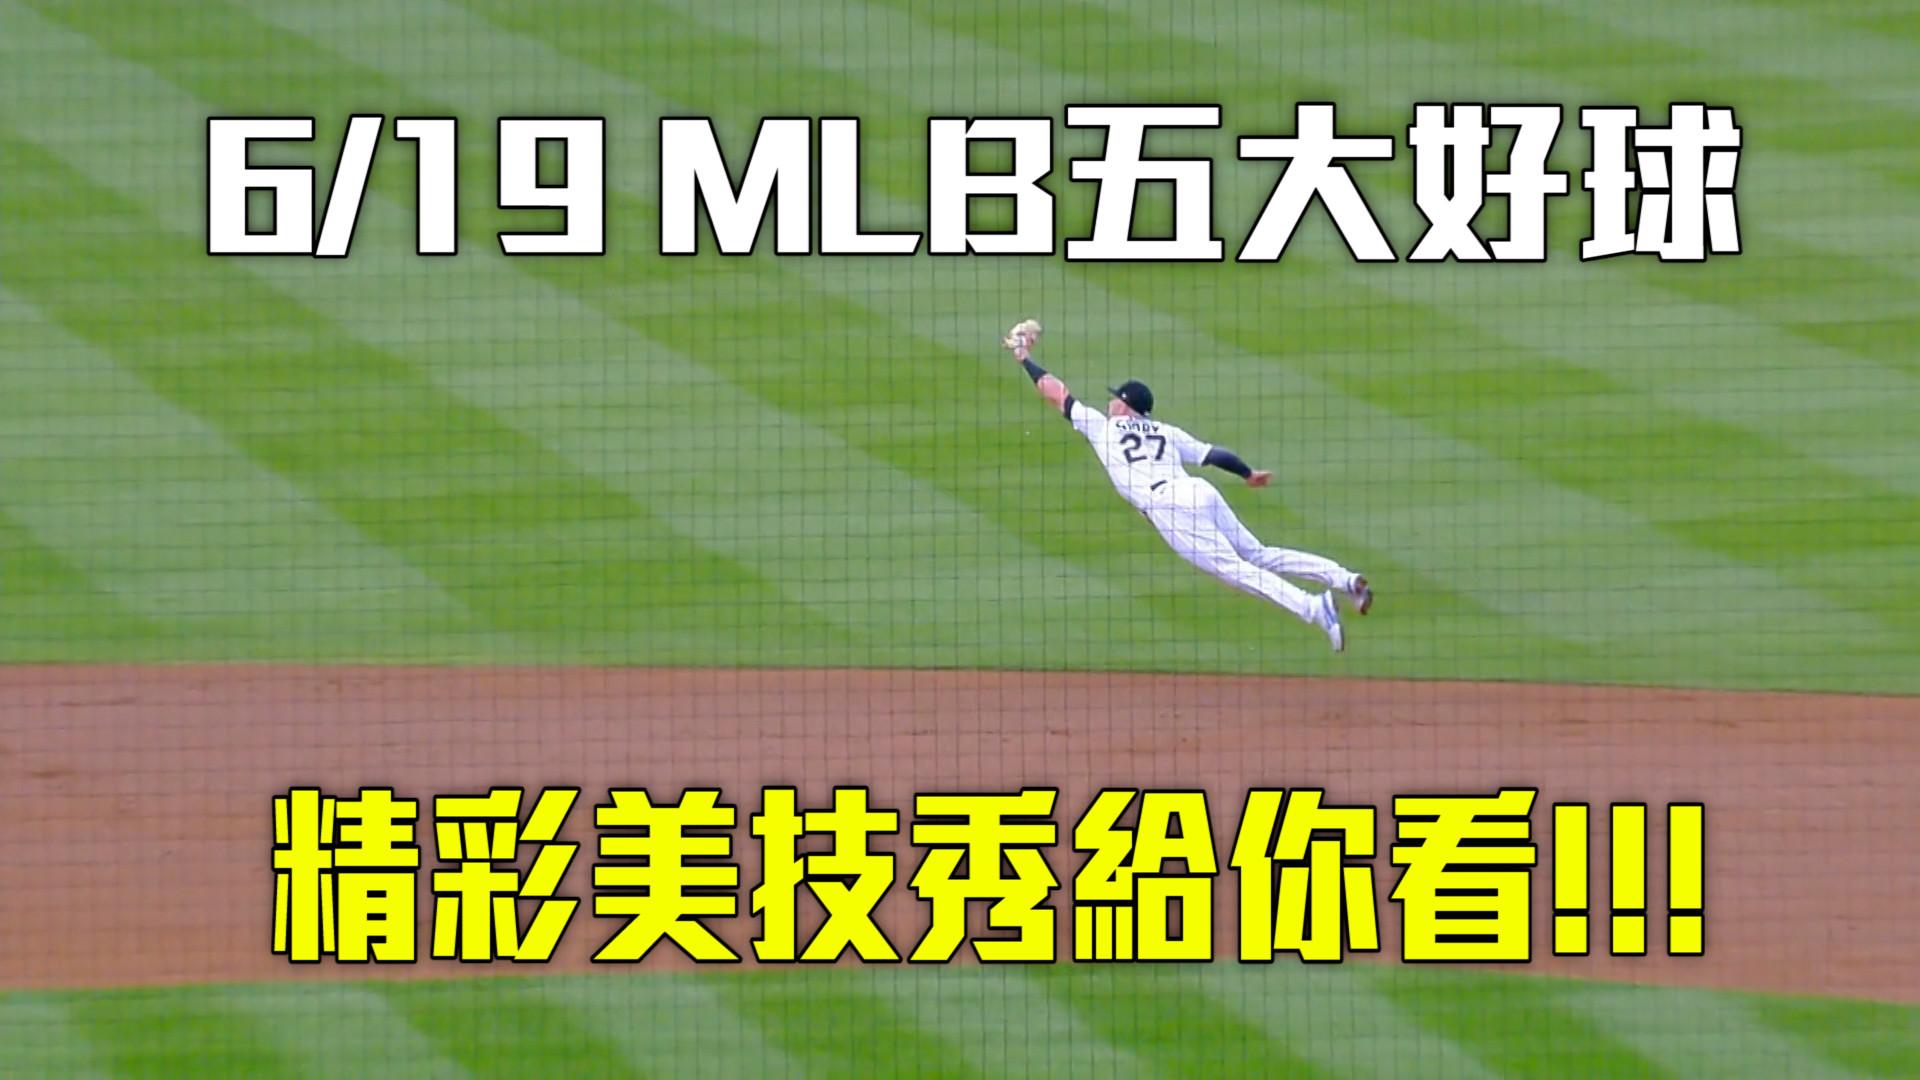 【MLB看愛爾達】MLB本日五大好球 精彩美技秀給你看 06/19